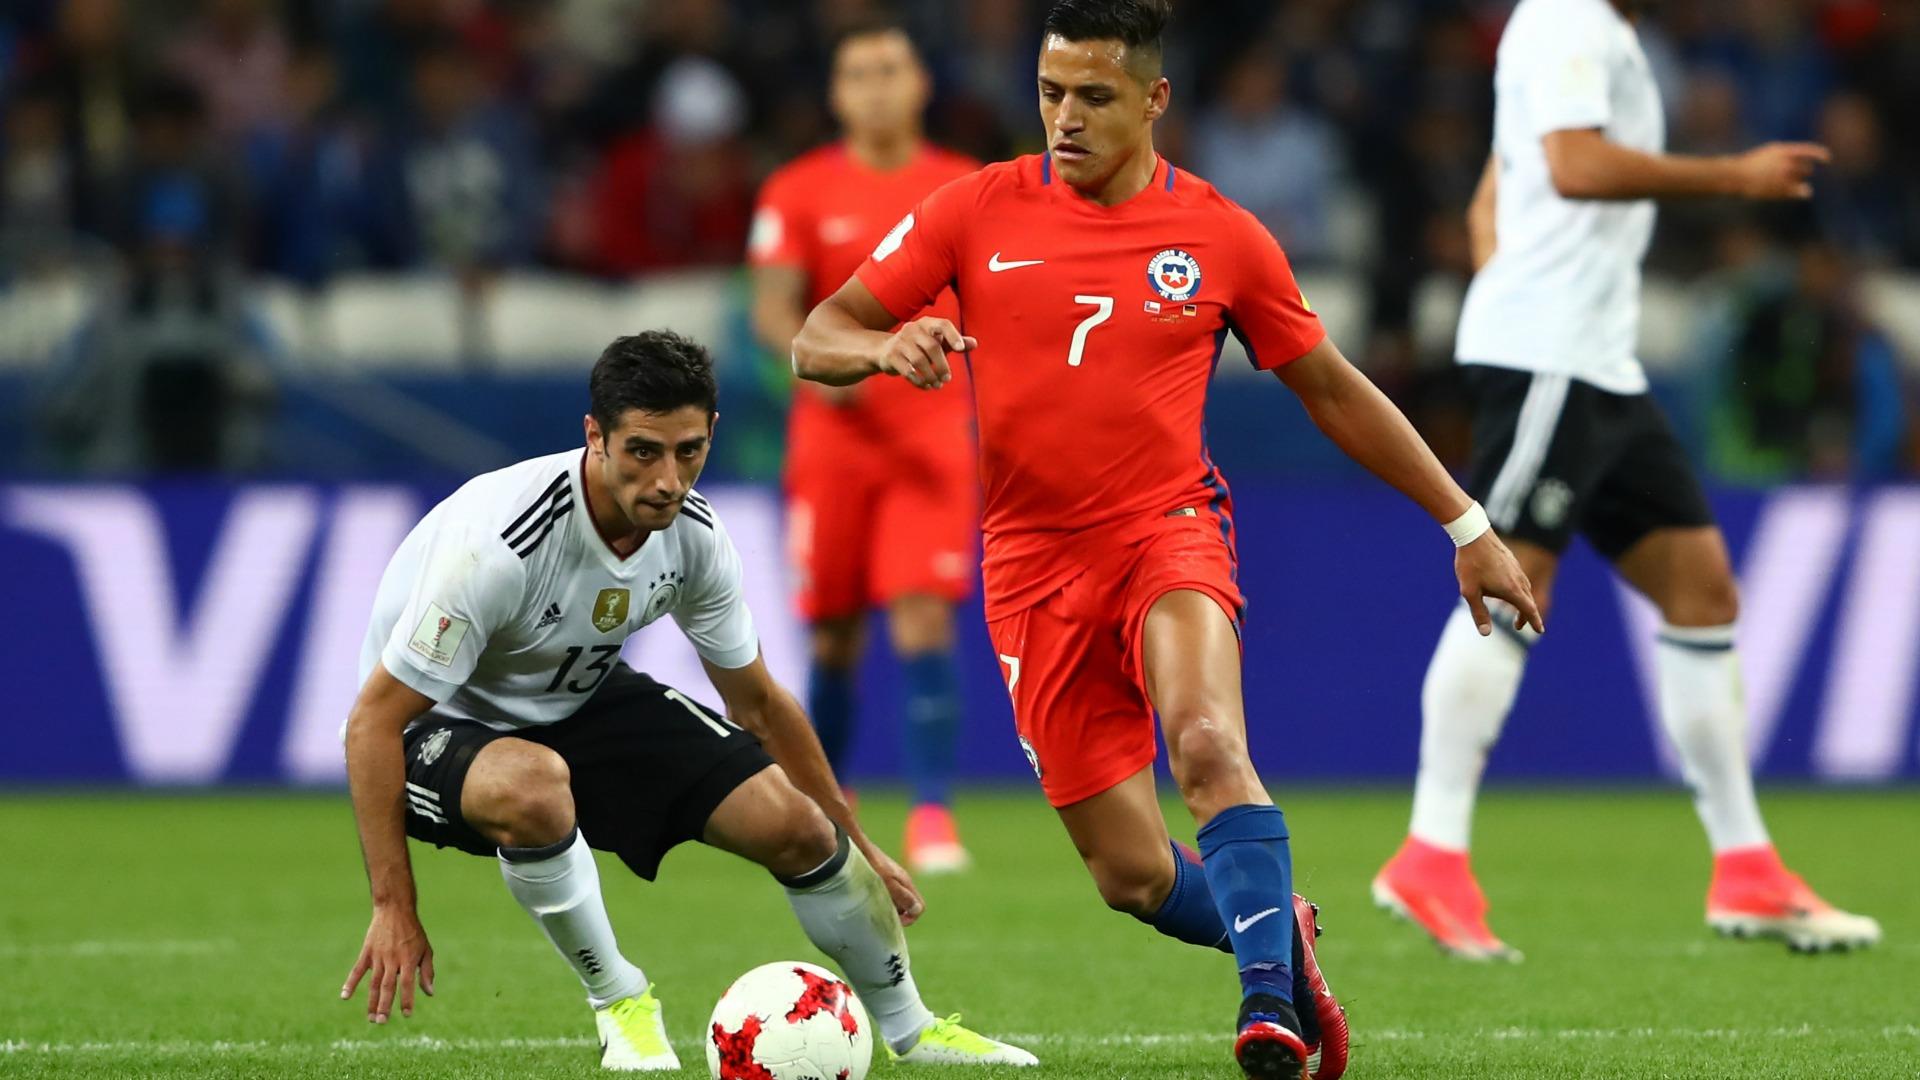 Chile califica a semifinales de la Confederaciones y México sorprende a Rusia